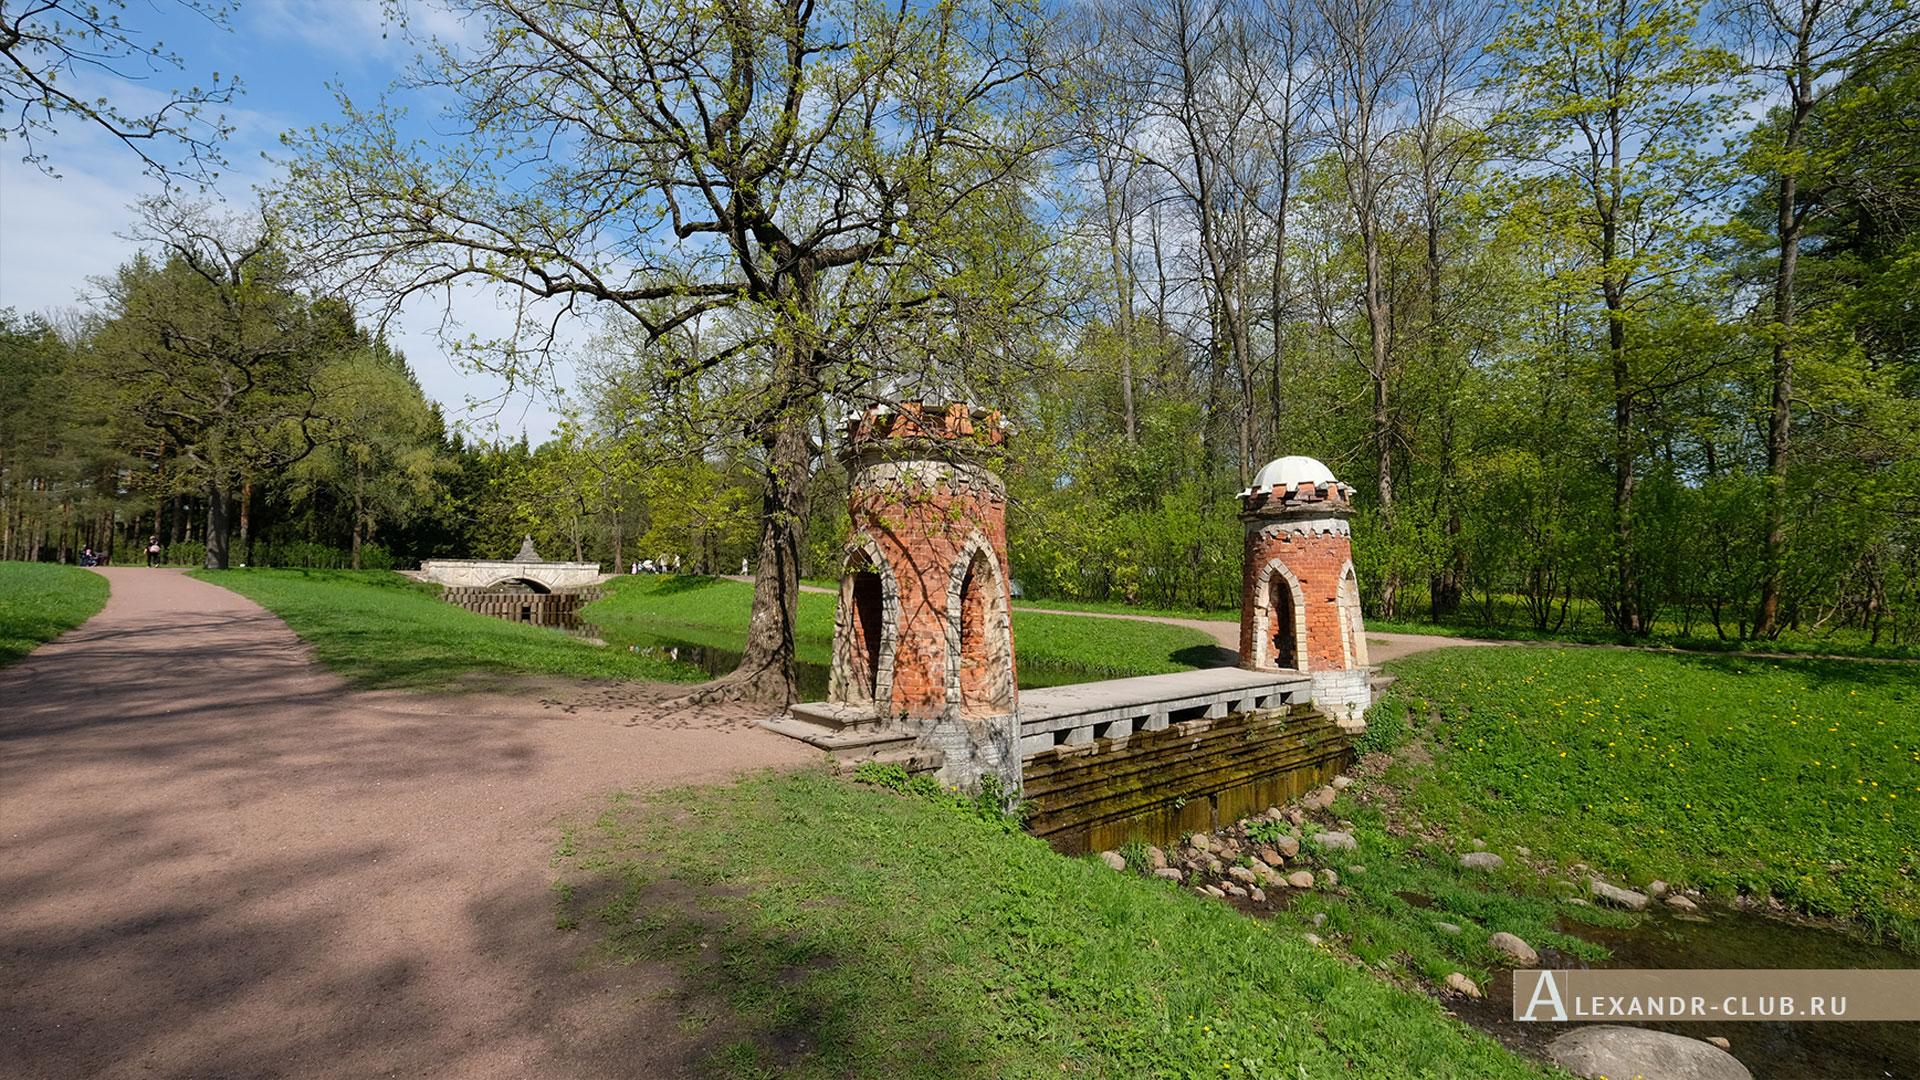 Царское Село, весна, Екатерининский парк, «Красный каскад»